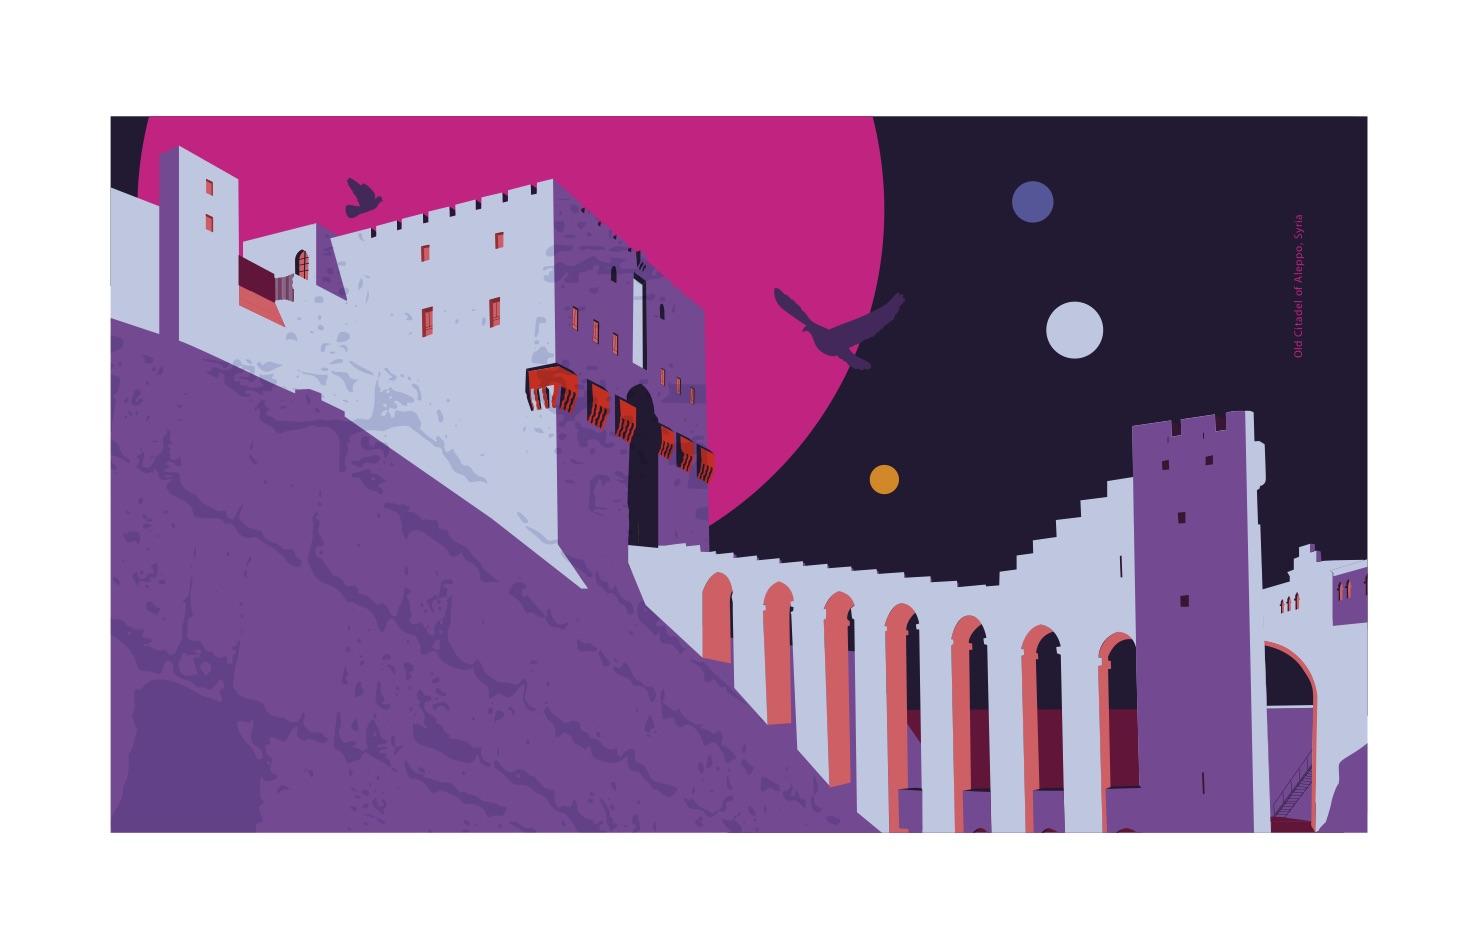 Bonzai s'associe à Global Heritage Fund pour rendre hommage à la civilisation syrienne